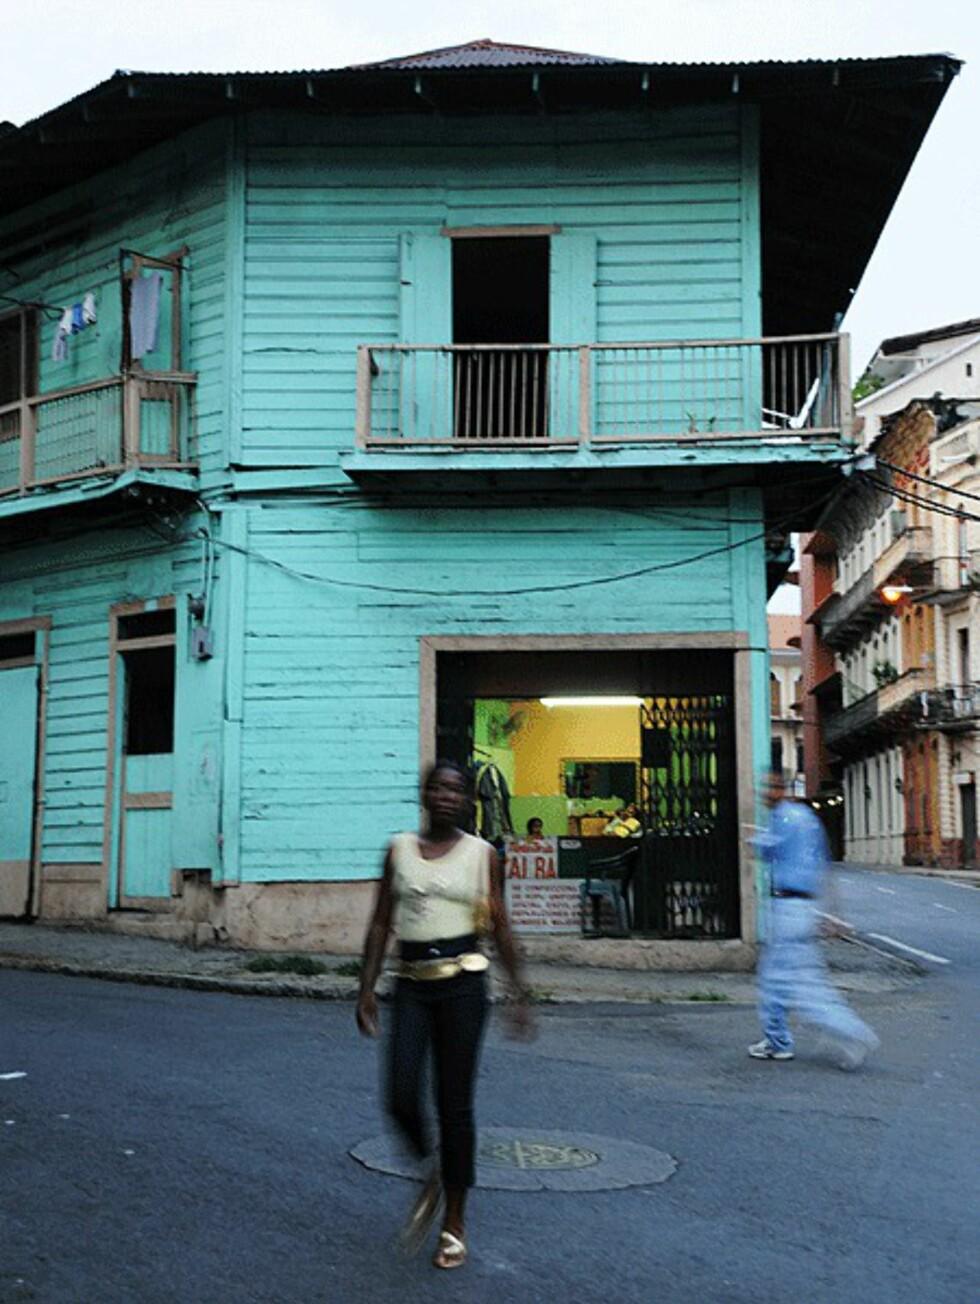 Bydelen Casco Viejo i P.C minner mye om Havanas bakgater. Spennende om dagen, men ikke like trygt om kvelden og natten.  Foto: Hans Kristian Krogh-Hanssen